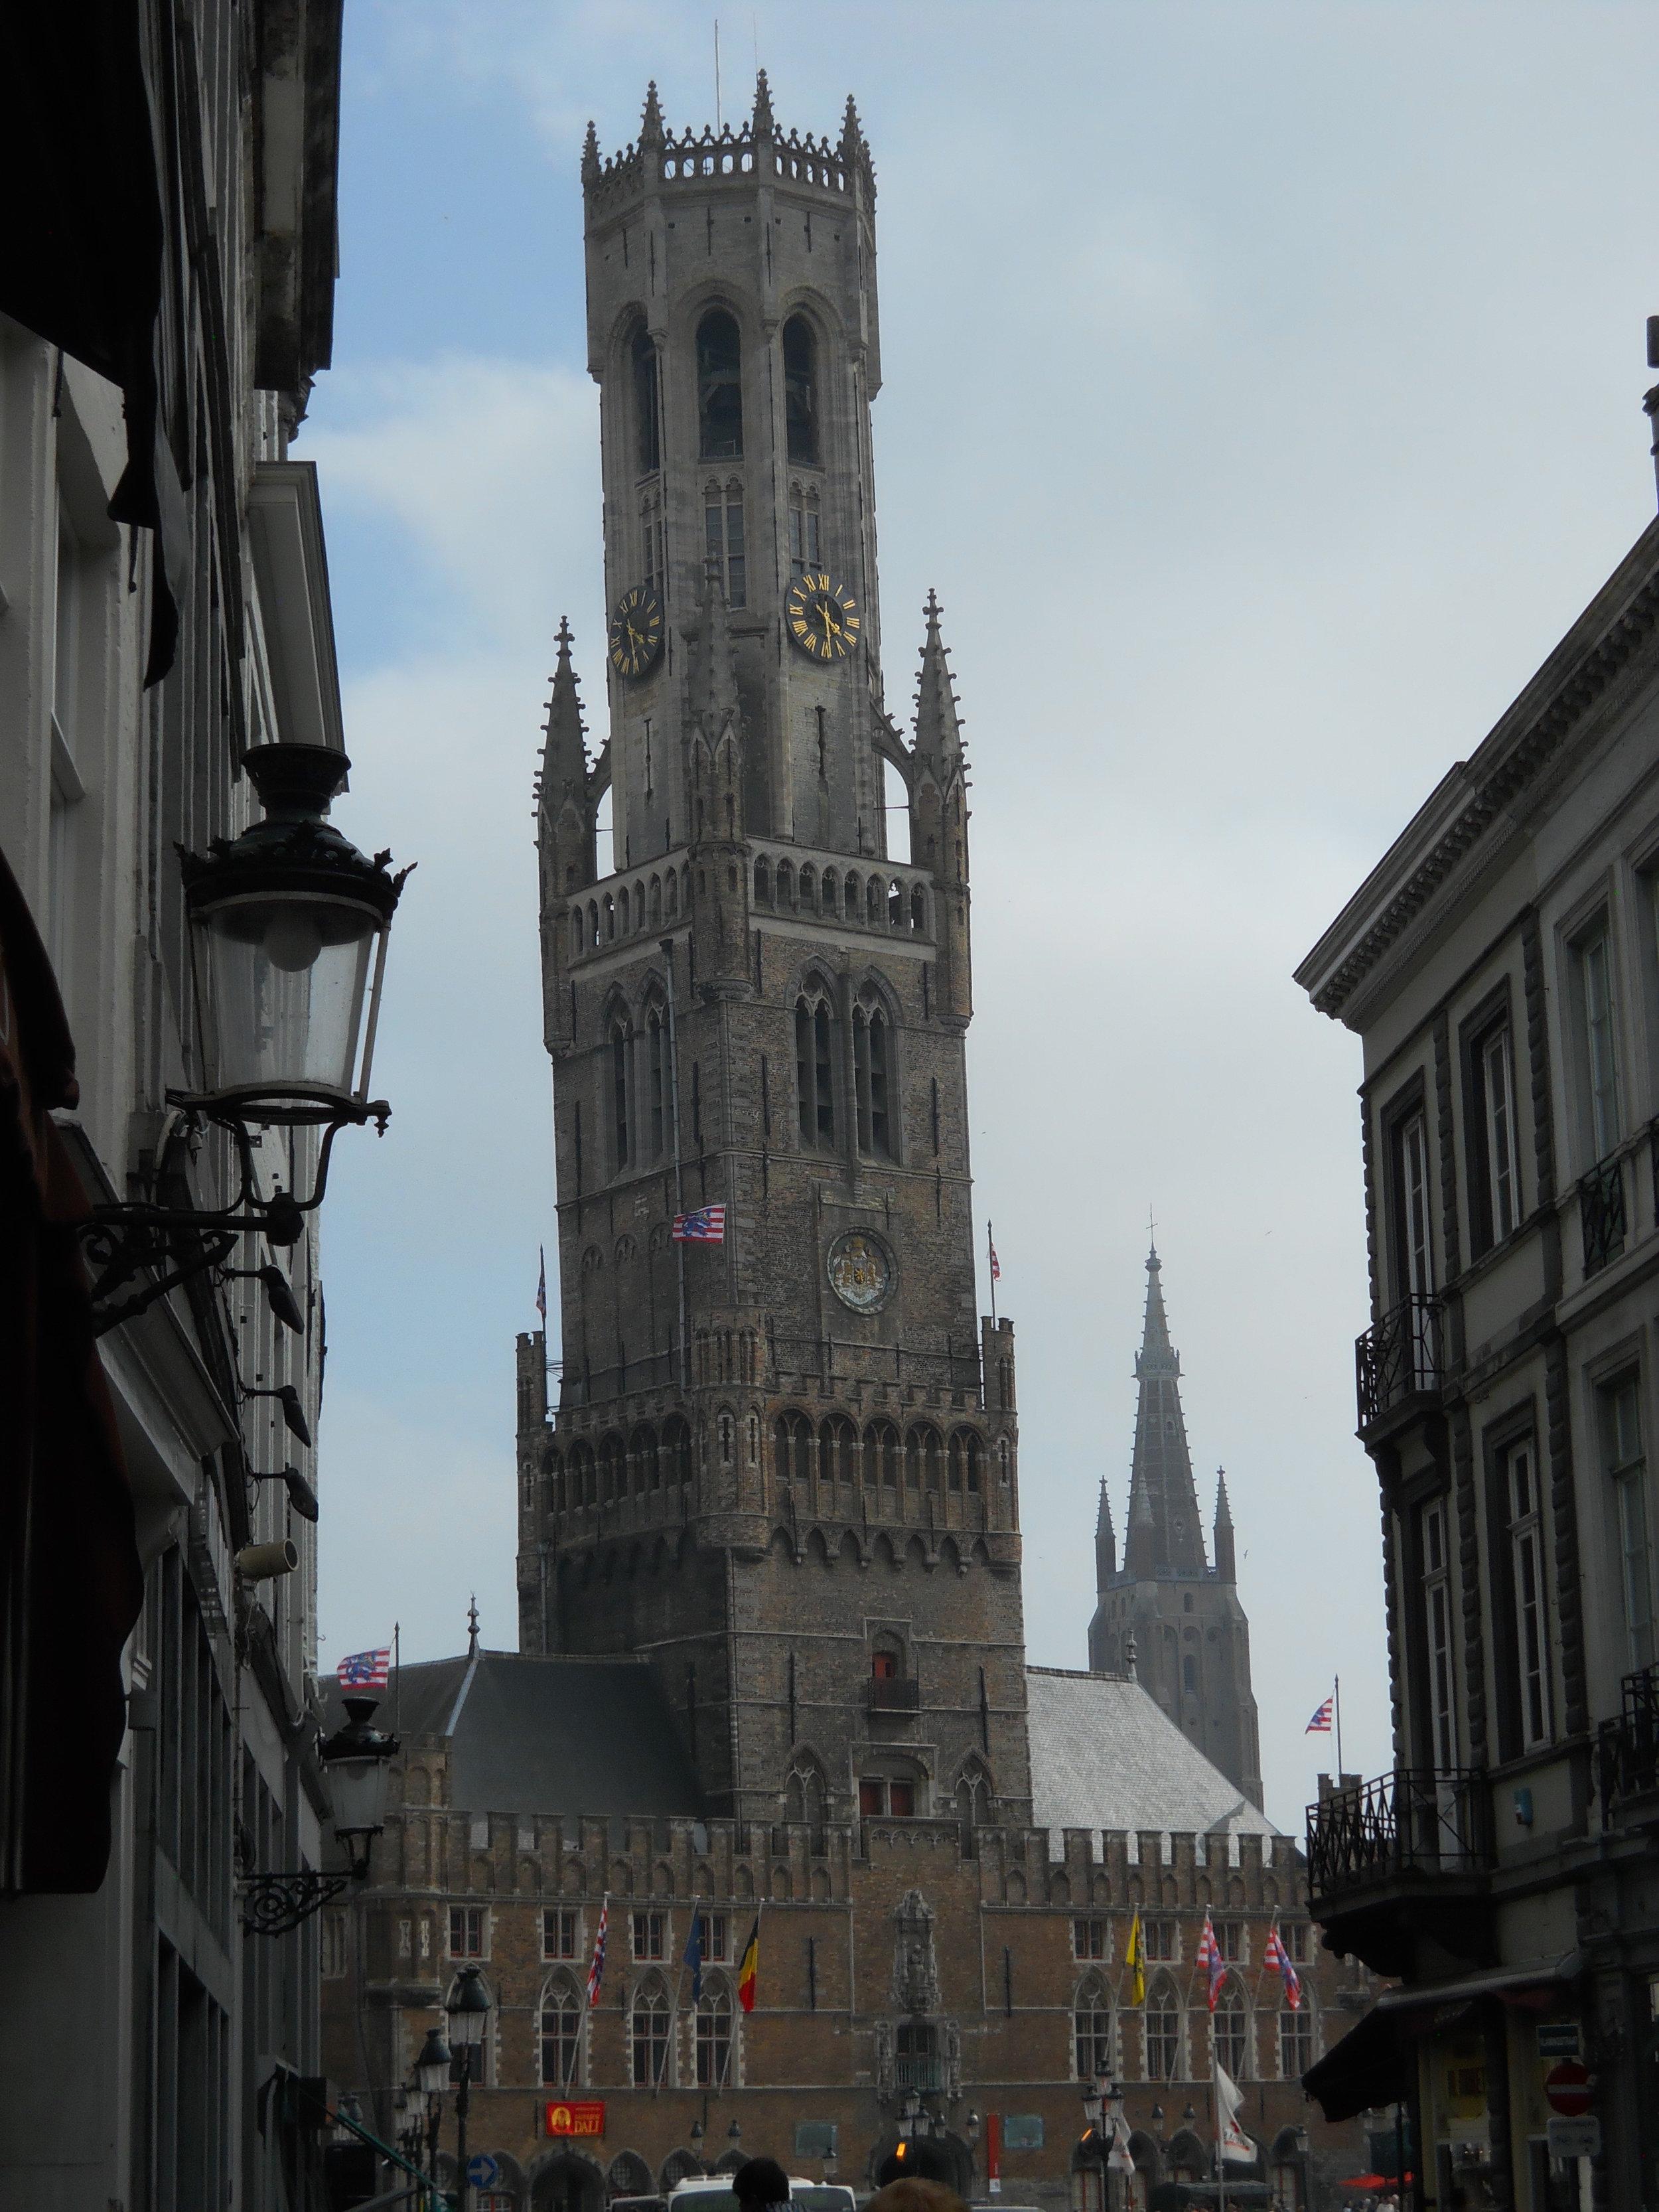 Belfort in Brugge, Belgium